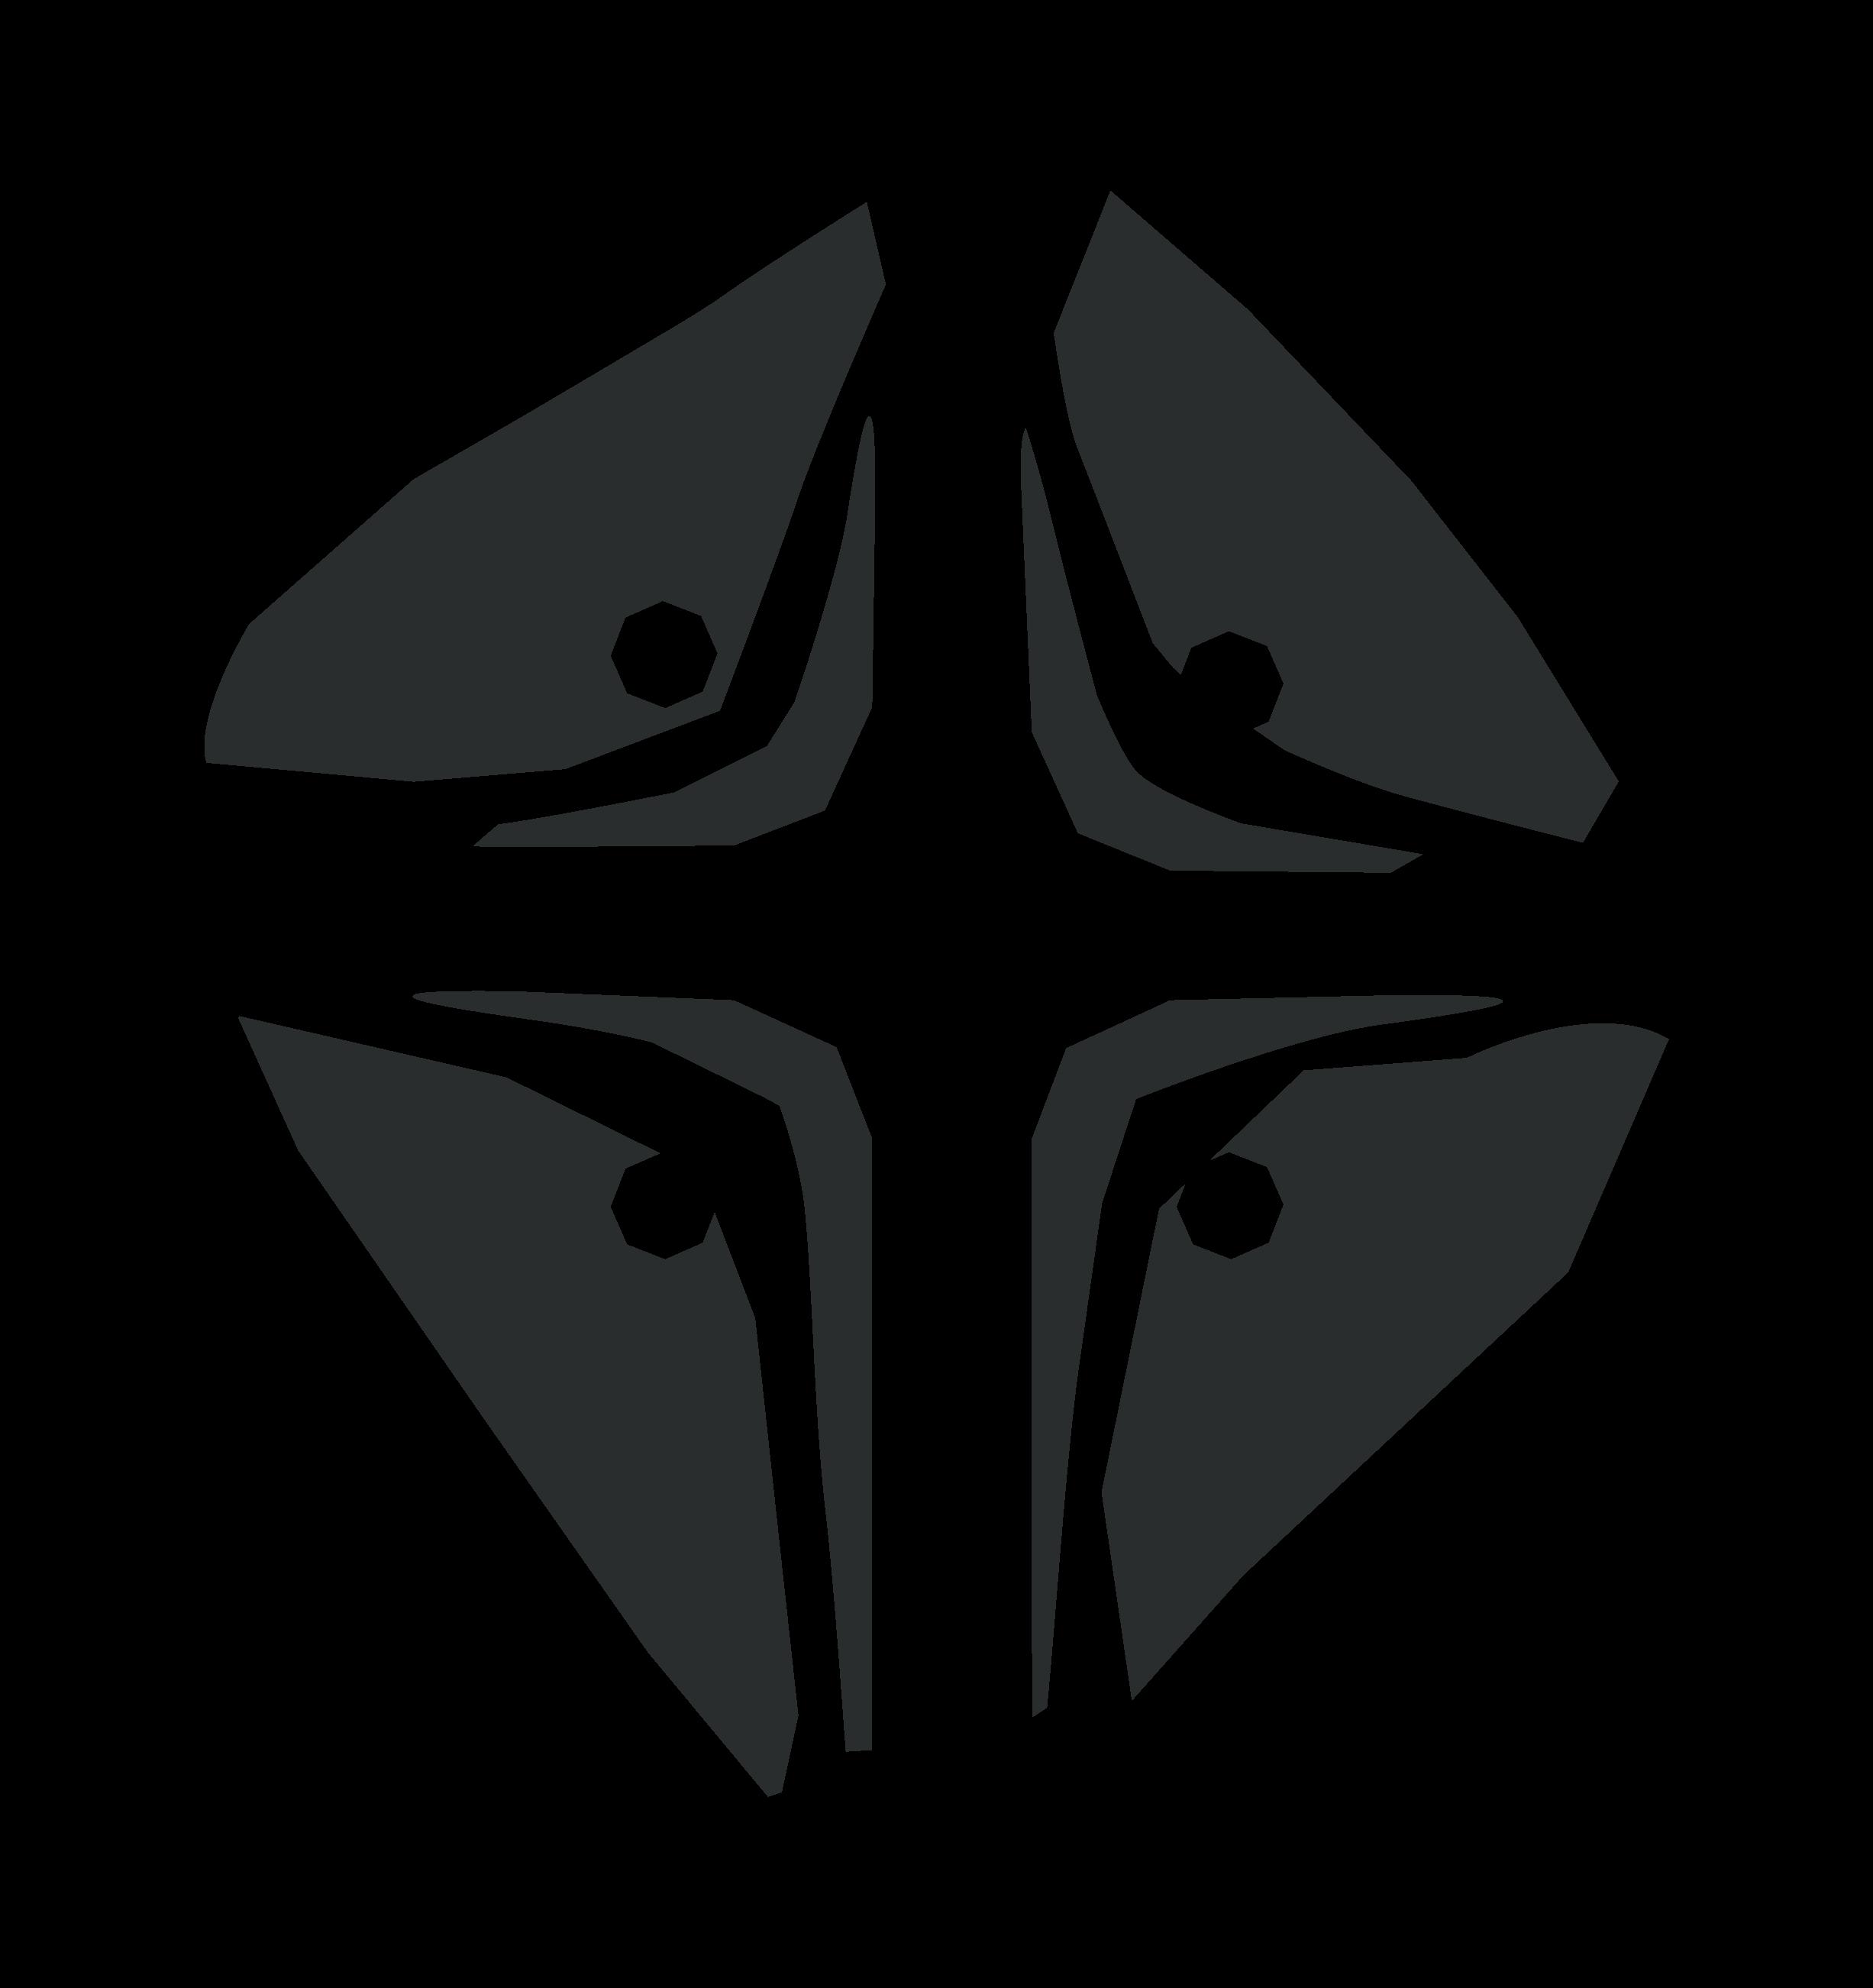 Biserica Creștină Baptistă Speranța logo